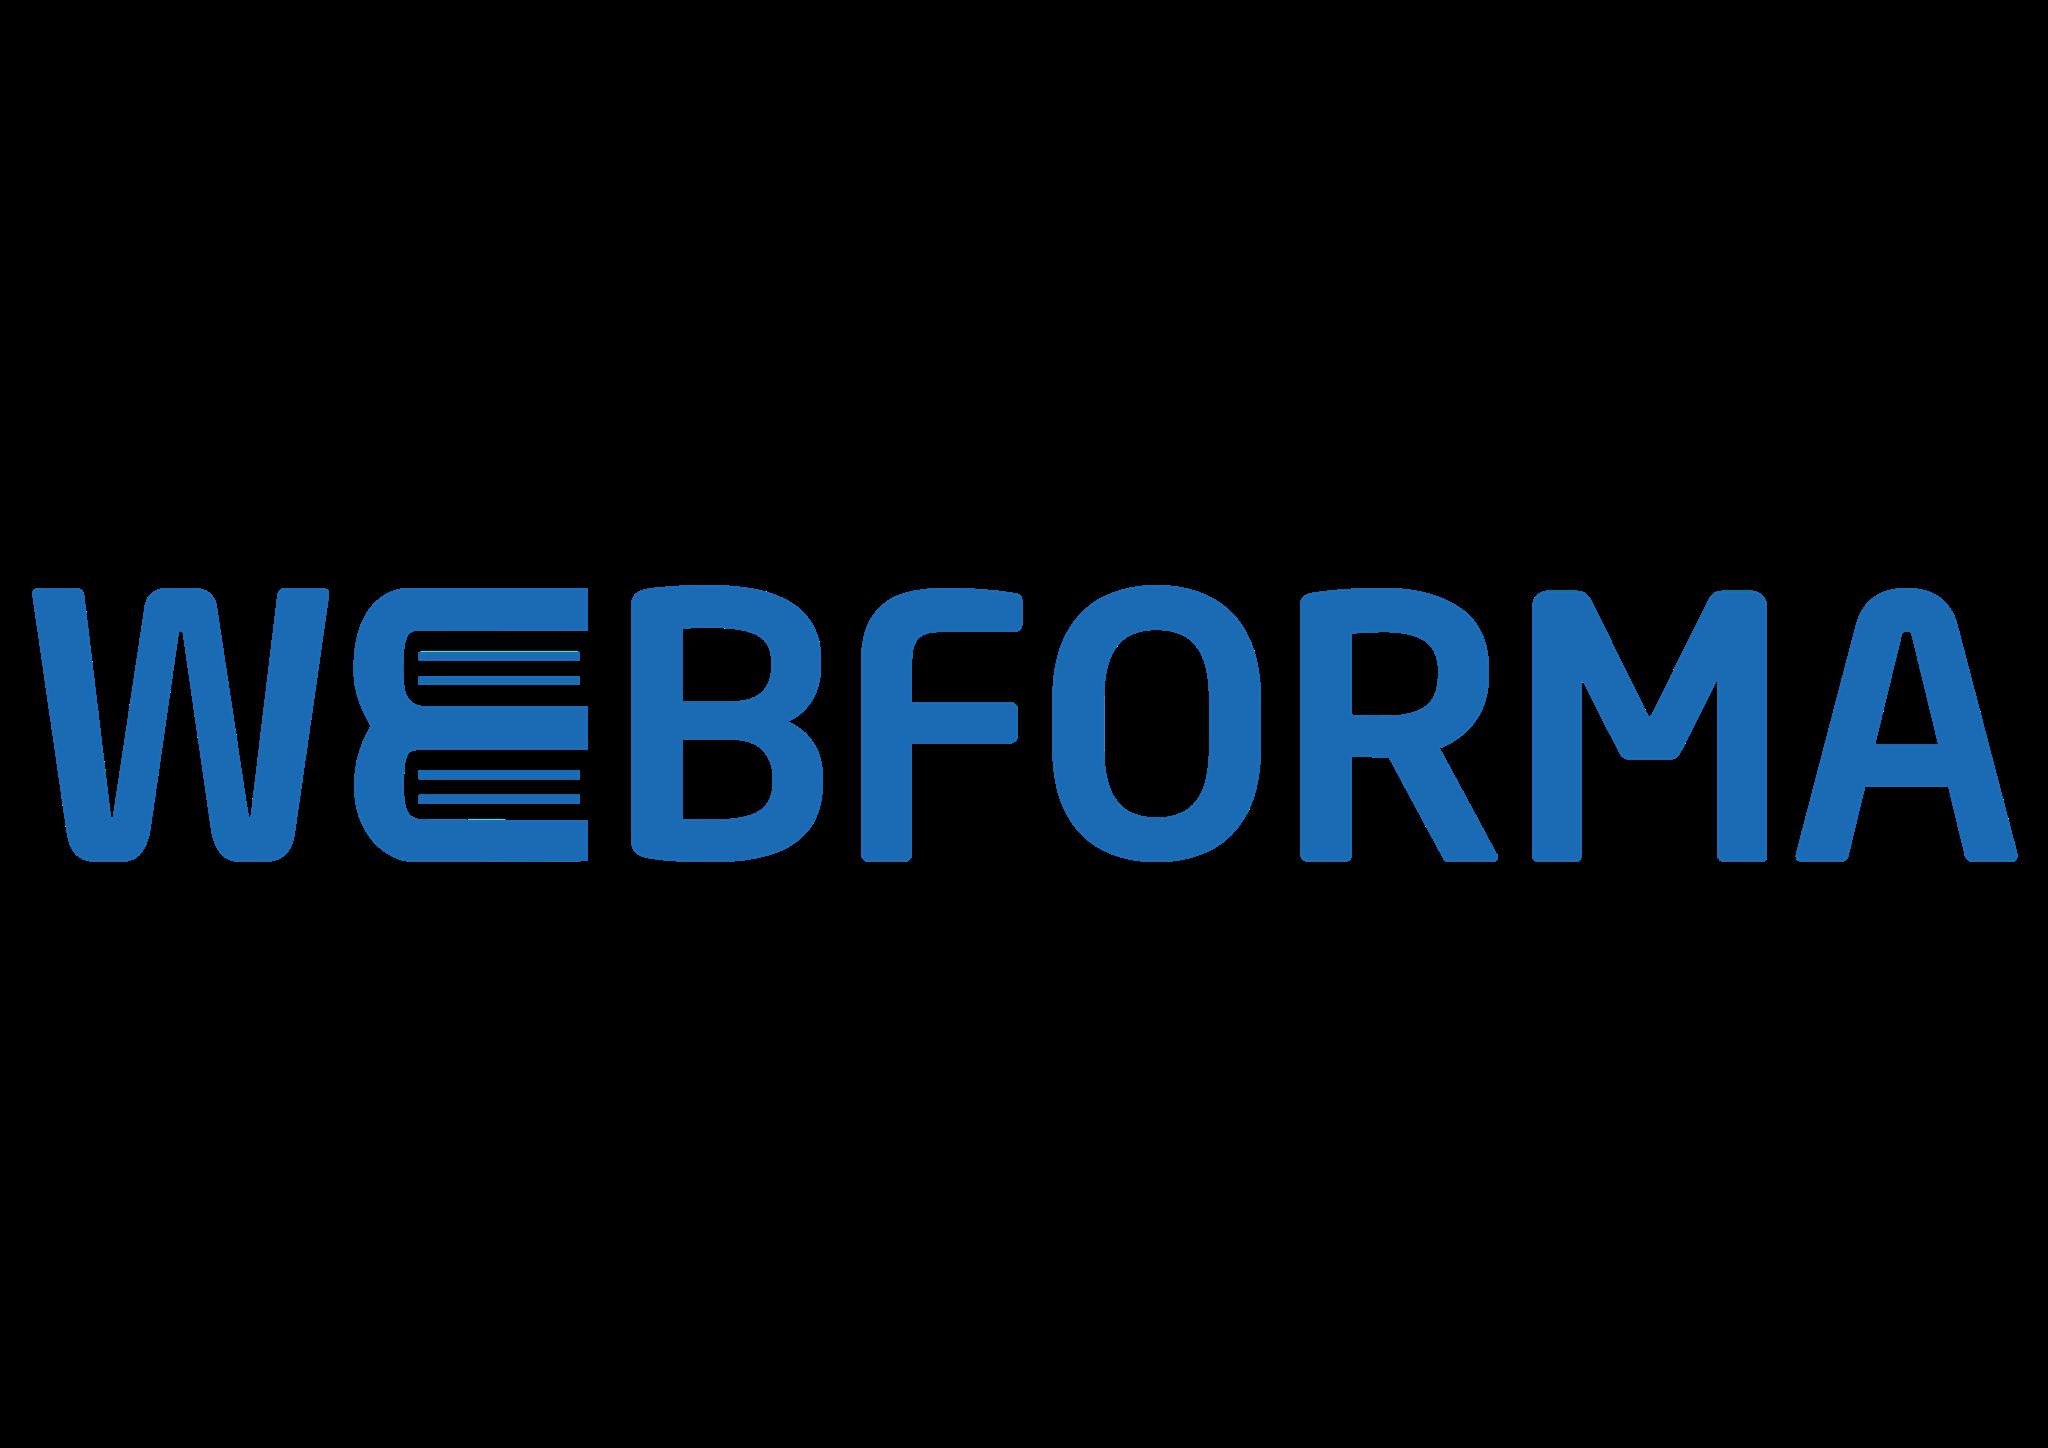 WEBFORMA